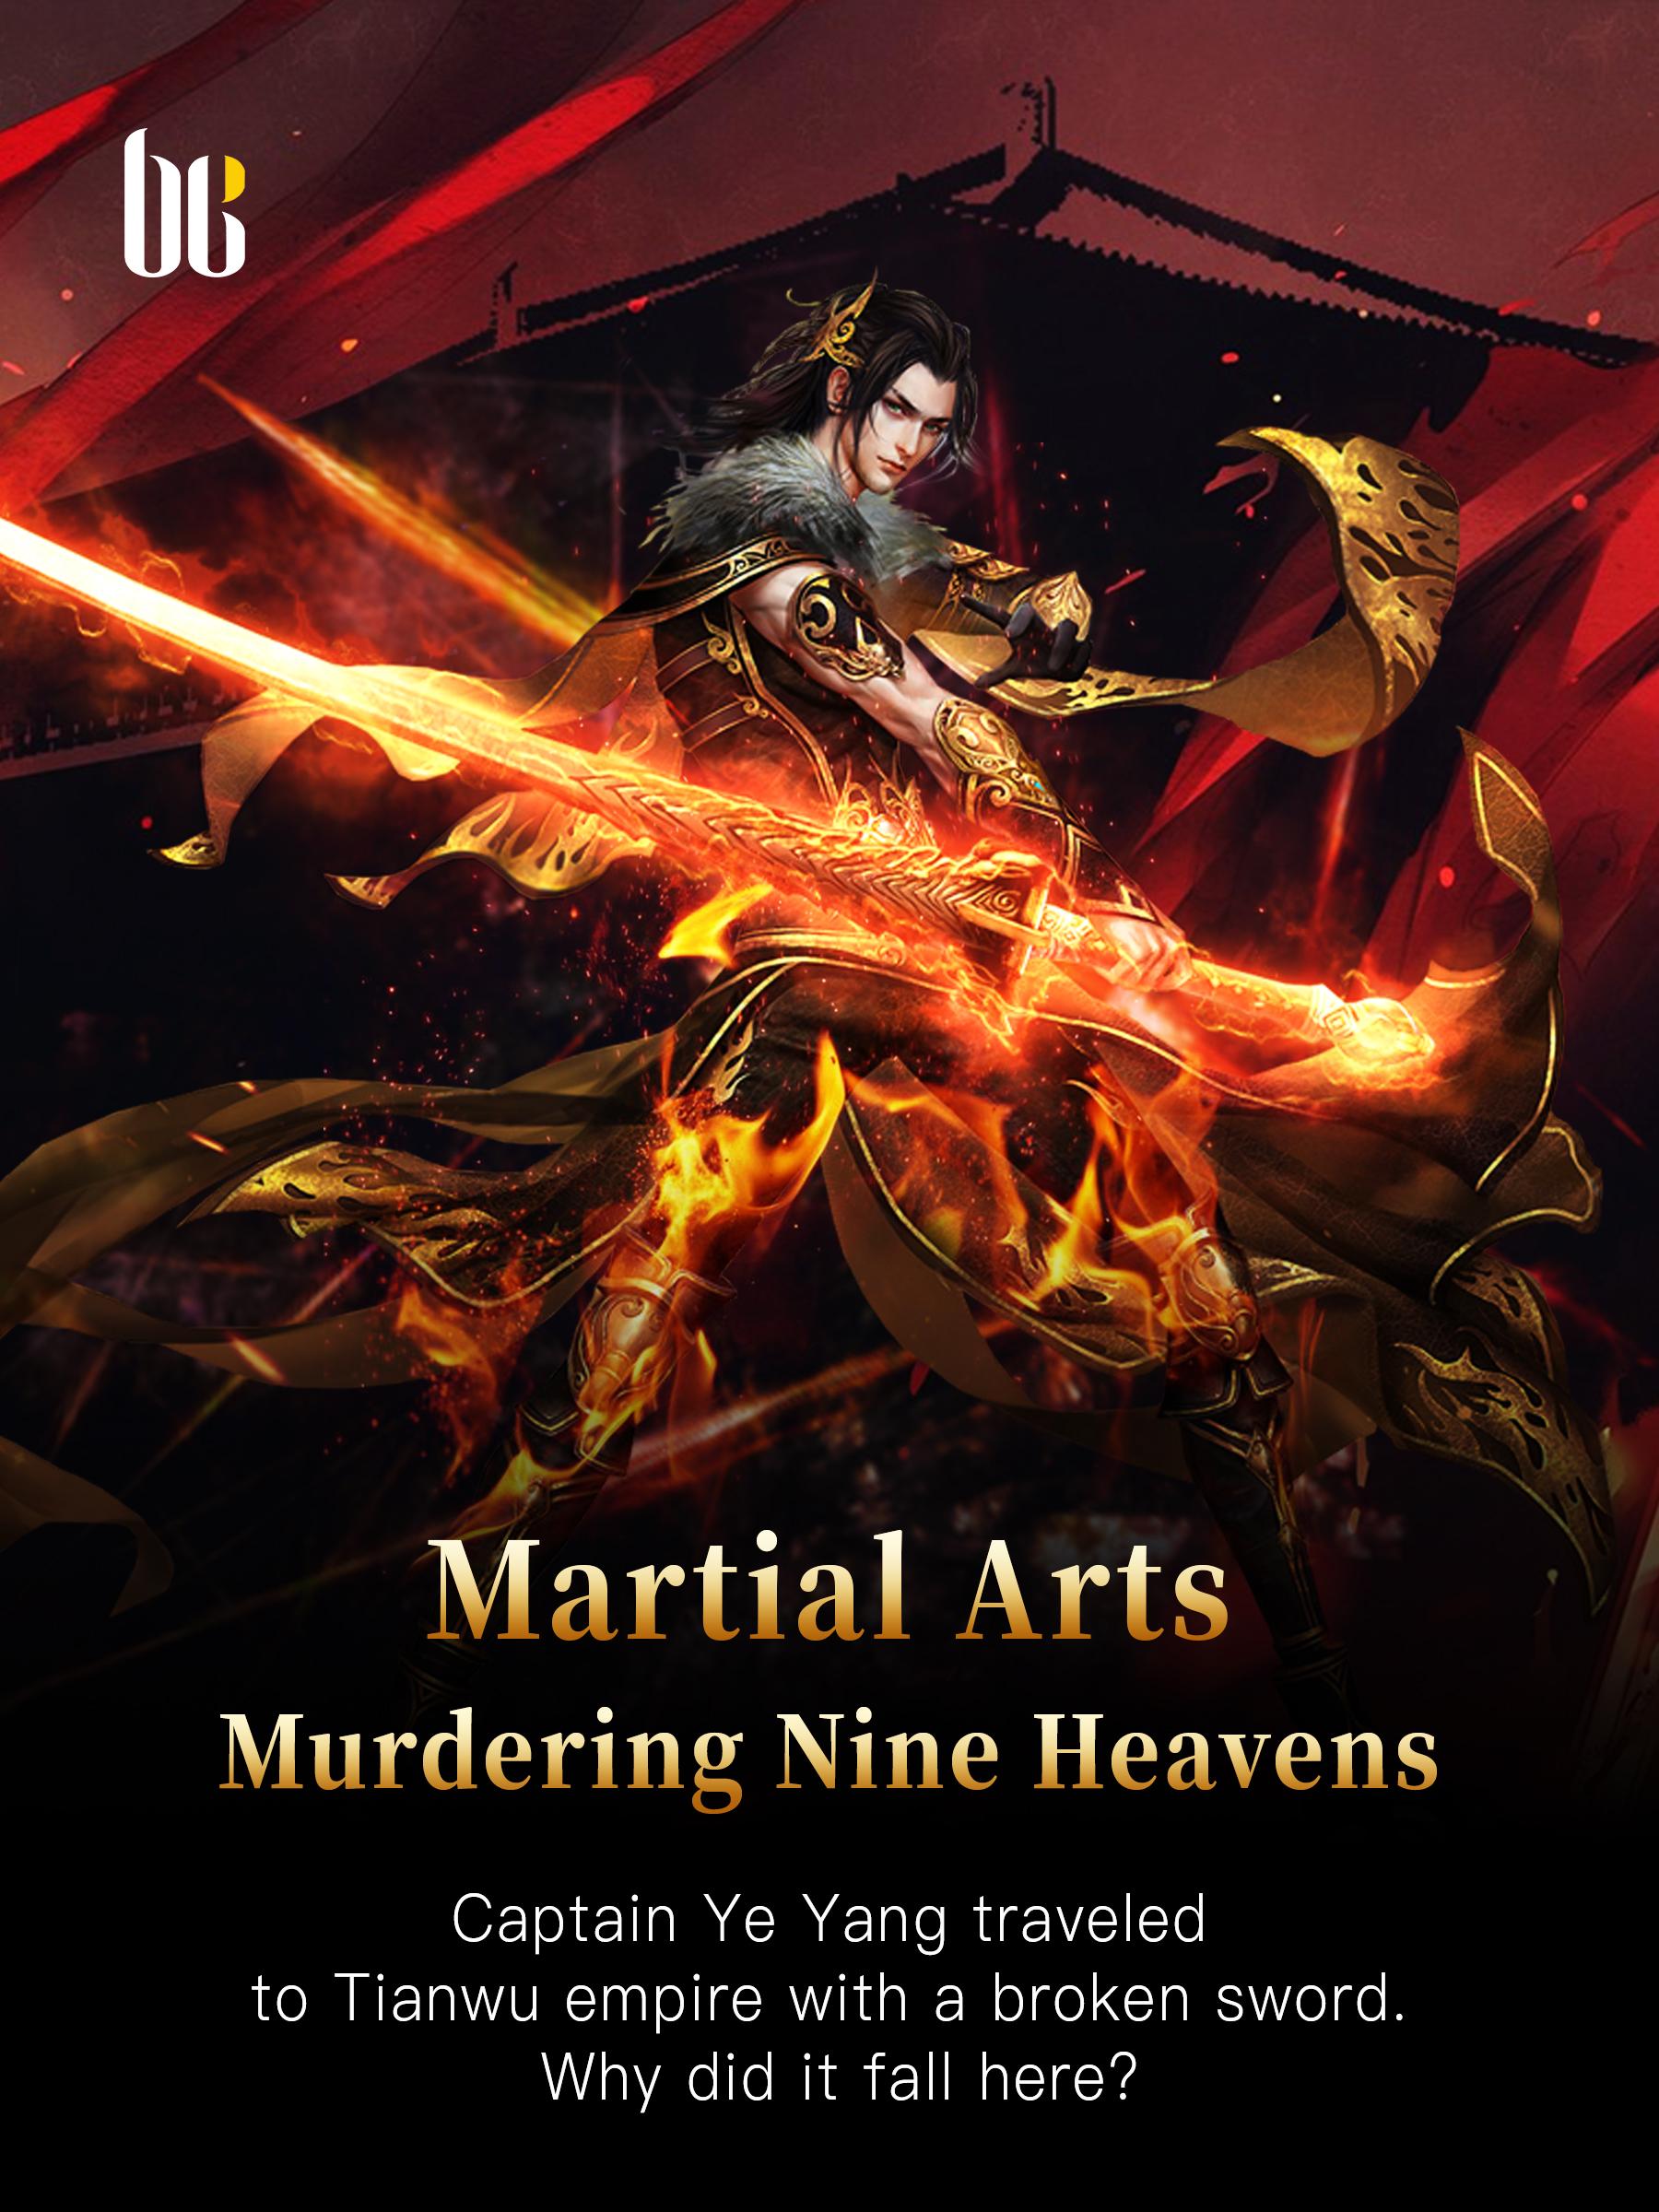 Martial Arts Murdering Nine Heavens Novel Full Story Book Babelnovel